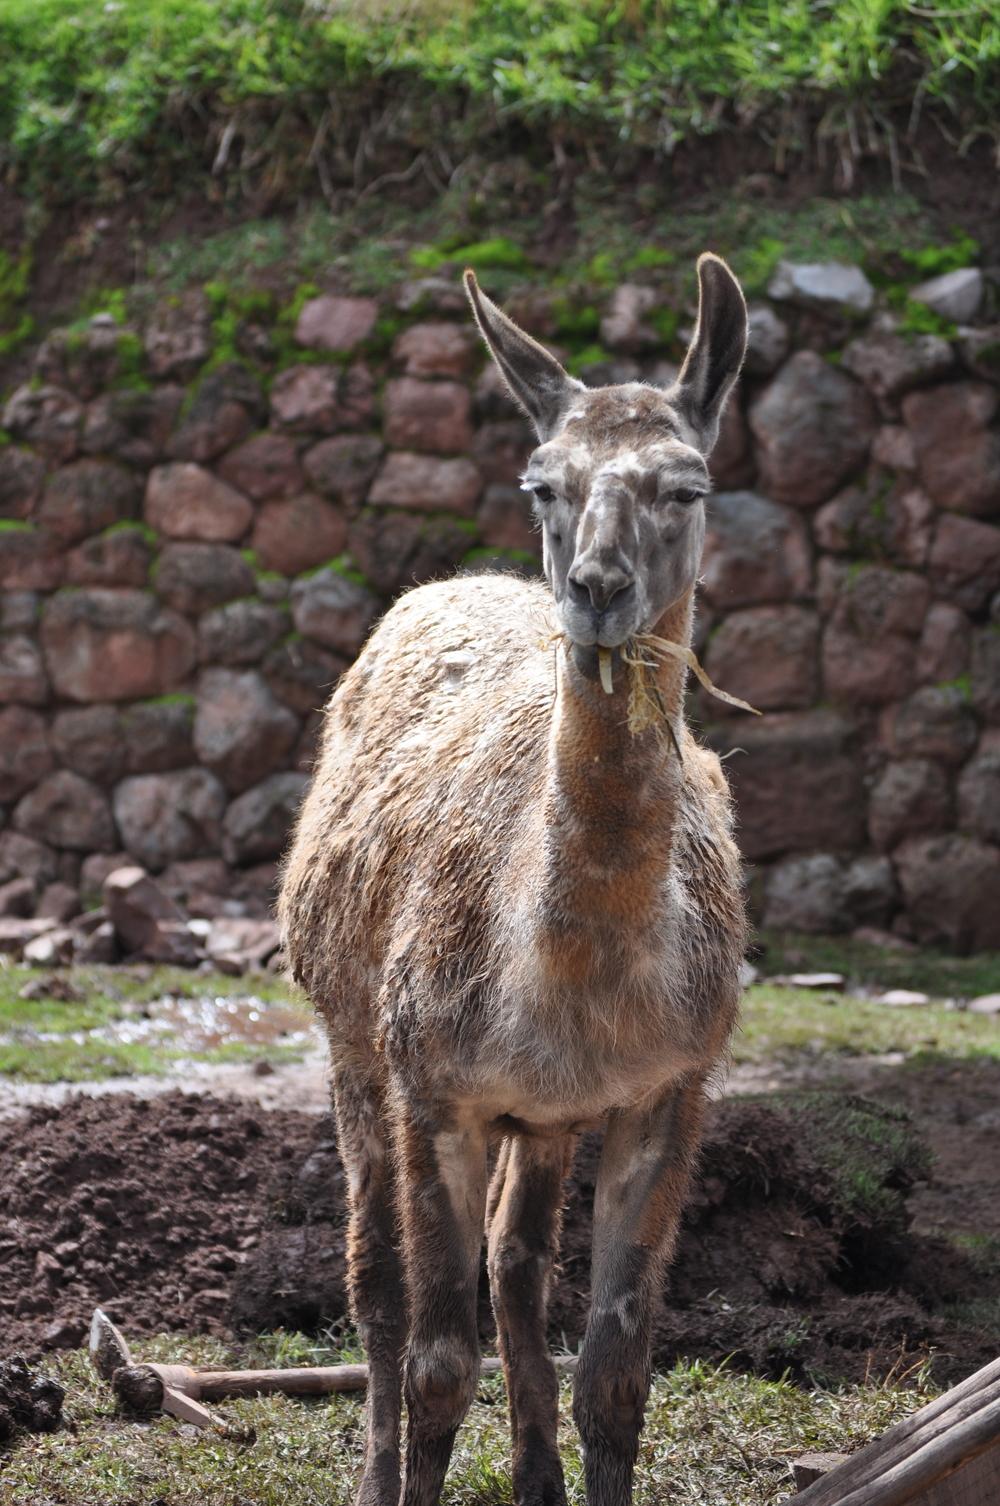 La llama es el camélido andino más popular y fuerte. Foto: Pamy Rojas